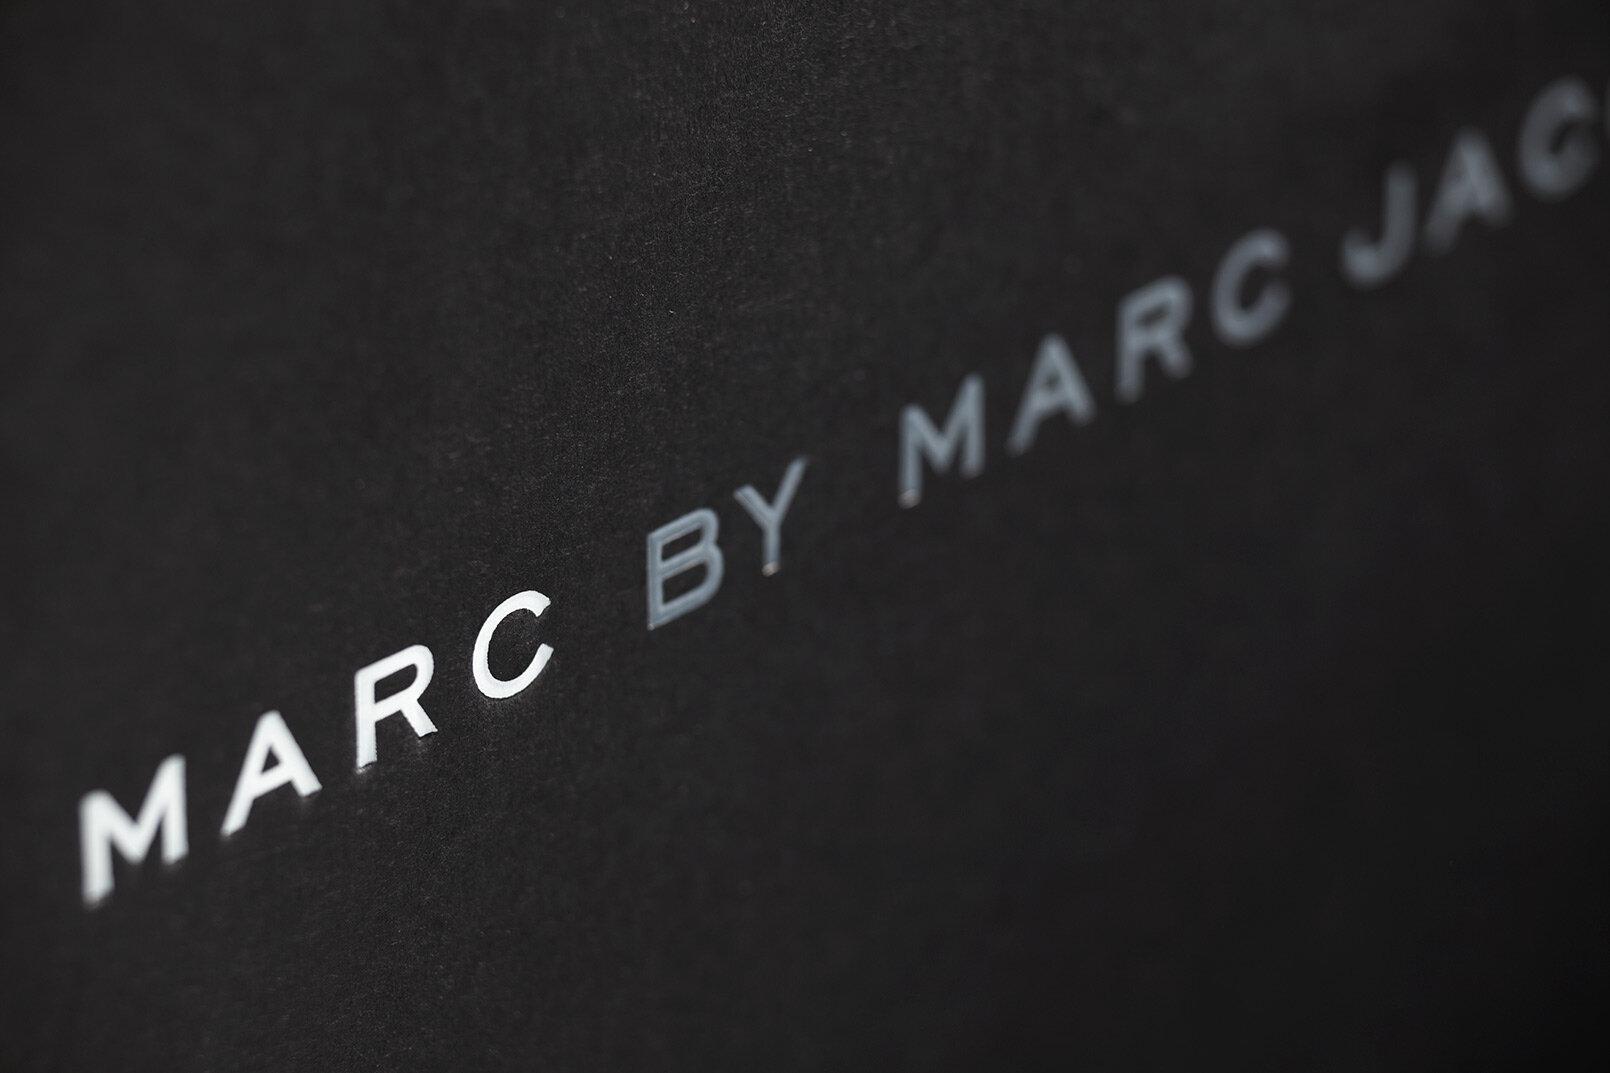 MARC-JACOBS-刚性箱设计 - 包装公司-2.JPG